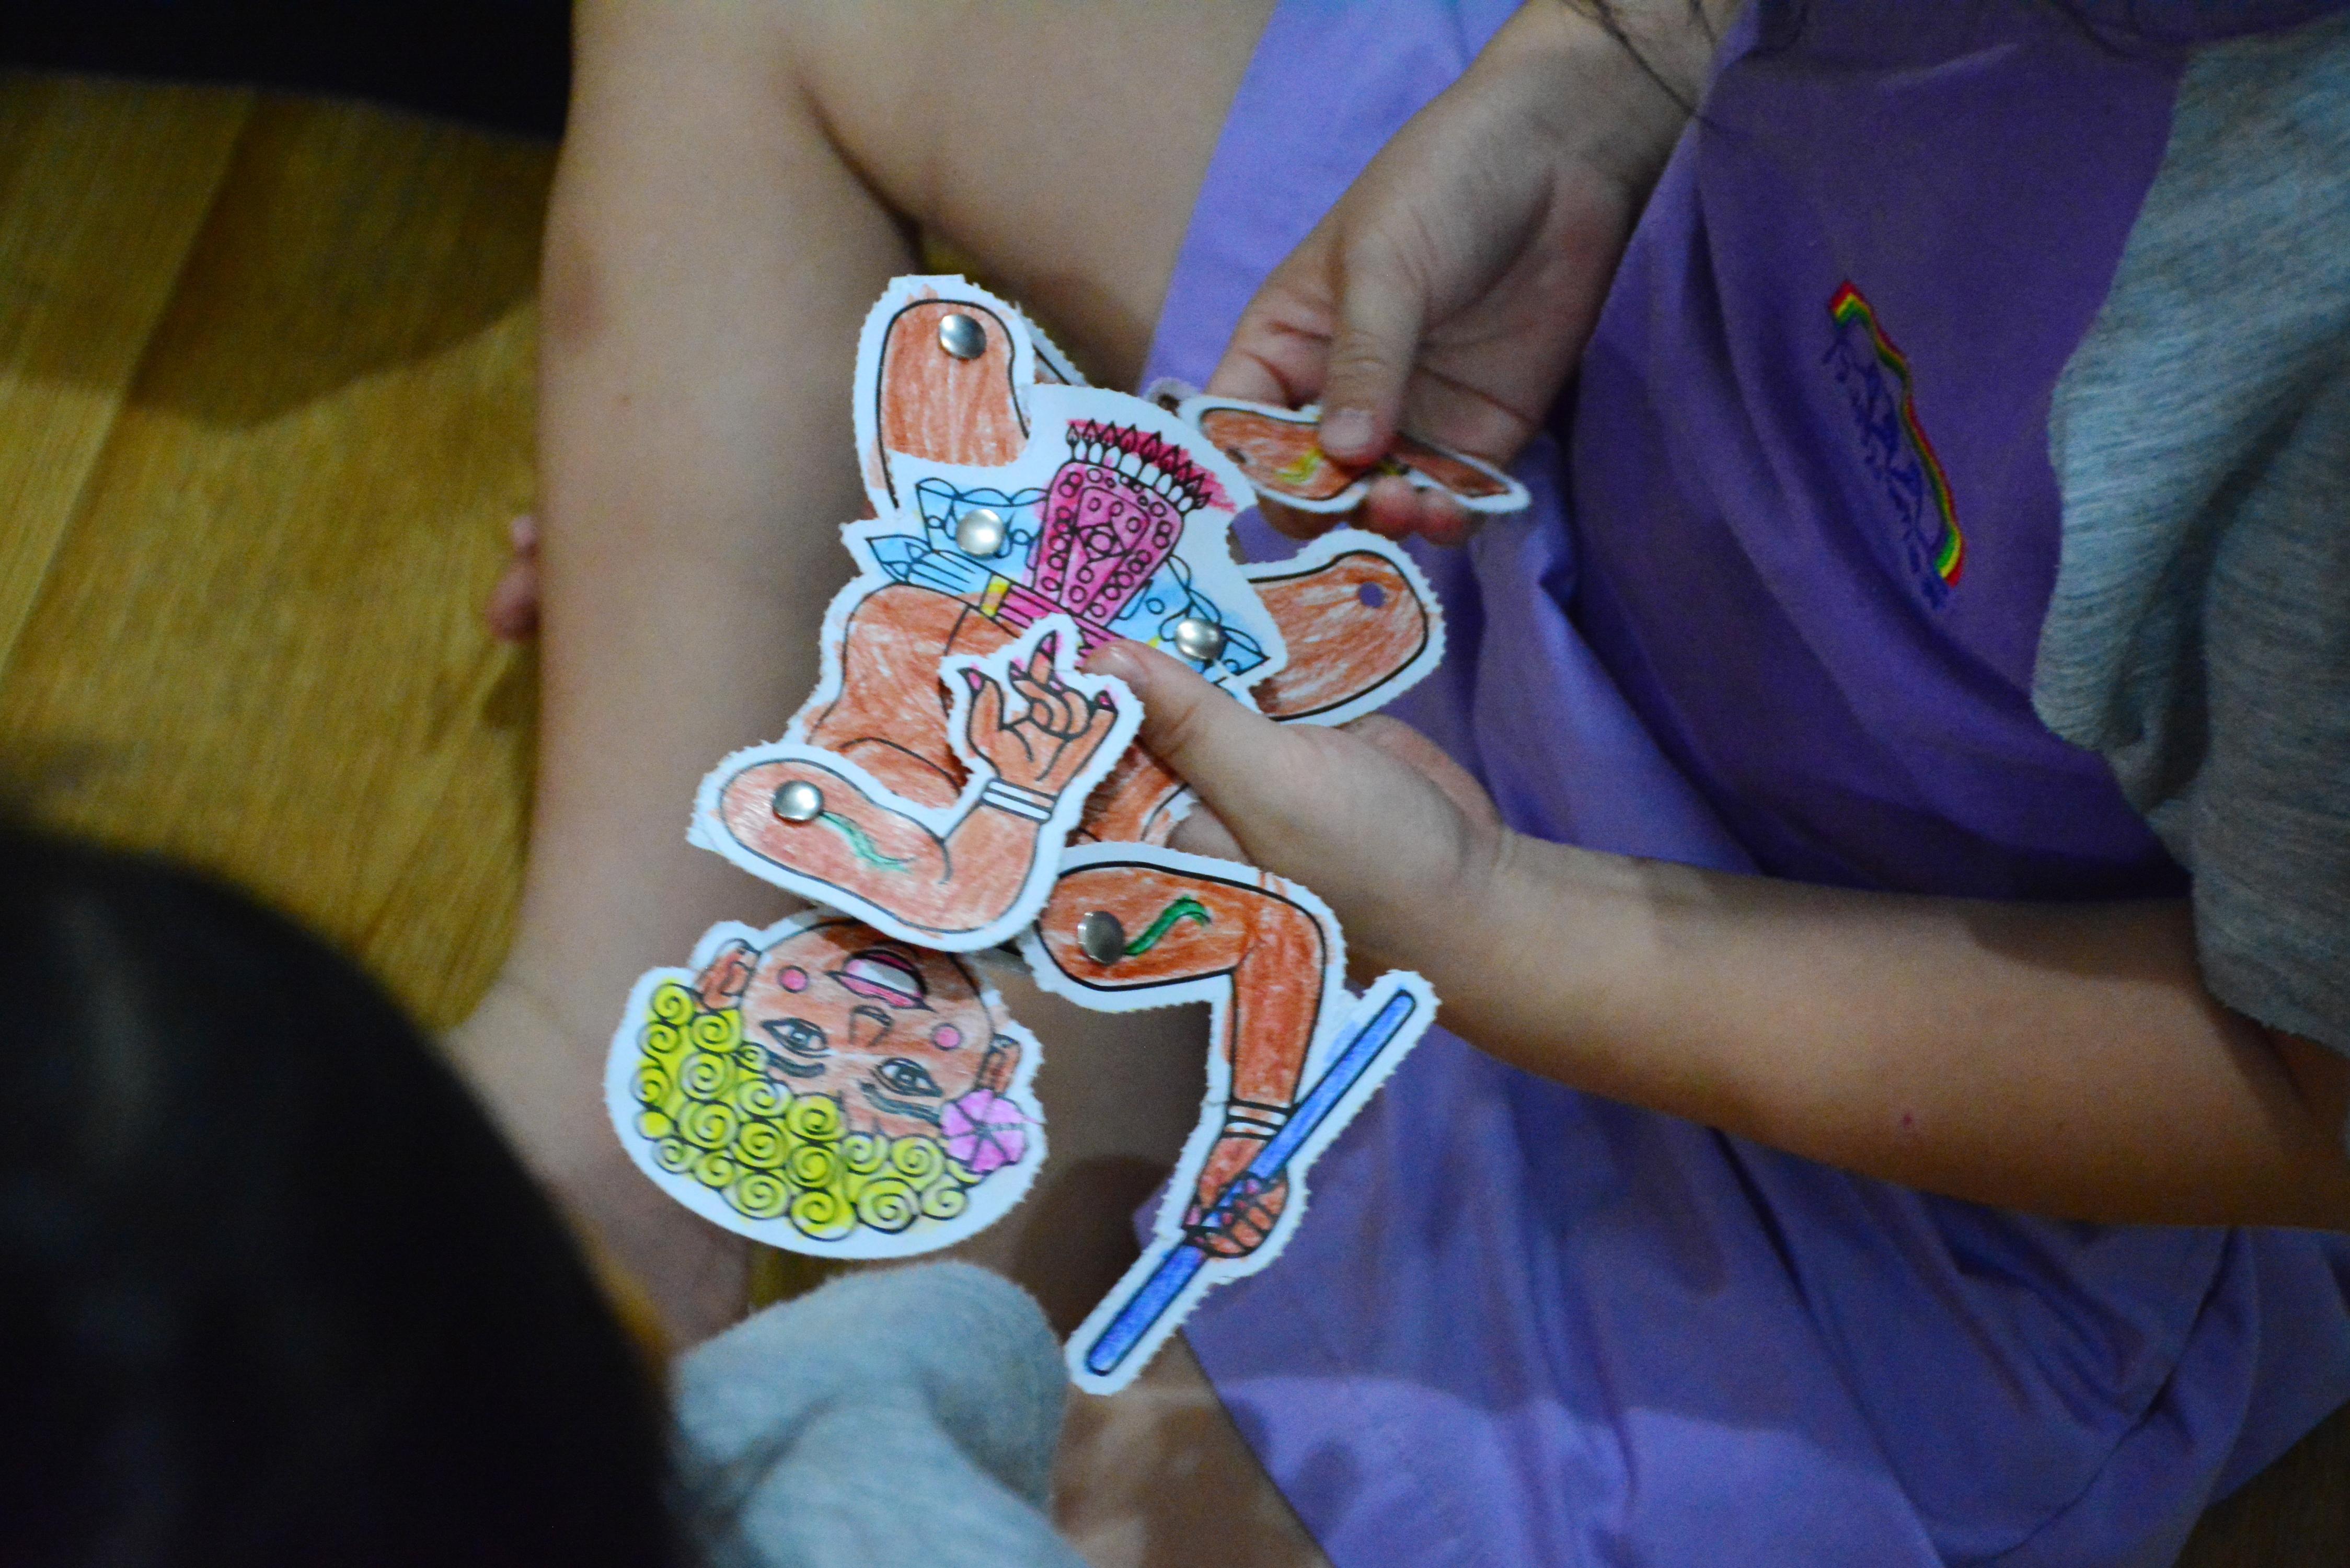 เรียนรู้การ ชัก เชิด หุ่น กับเด็กๆ อนุบาล ๓